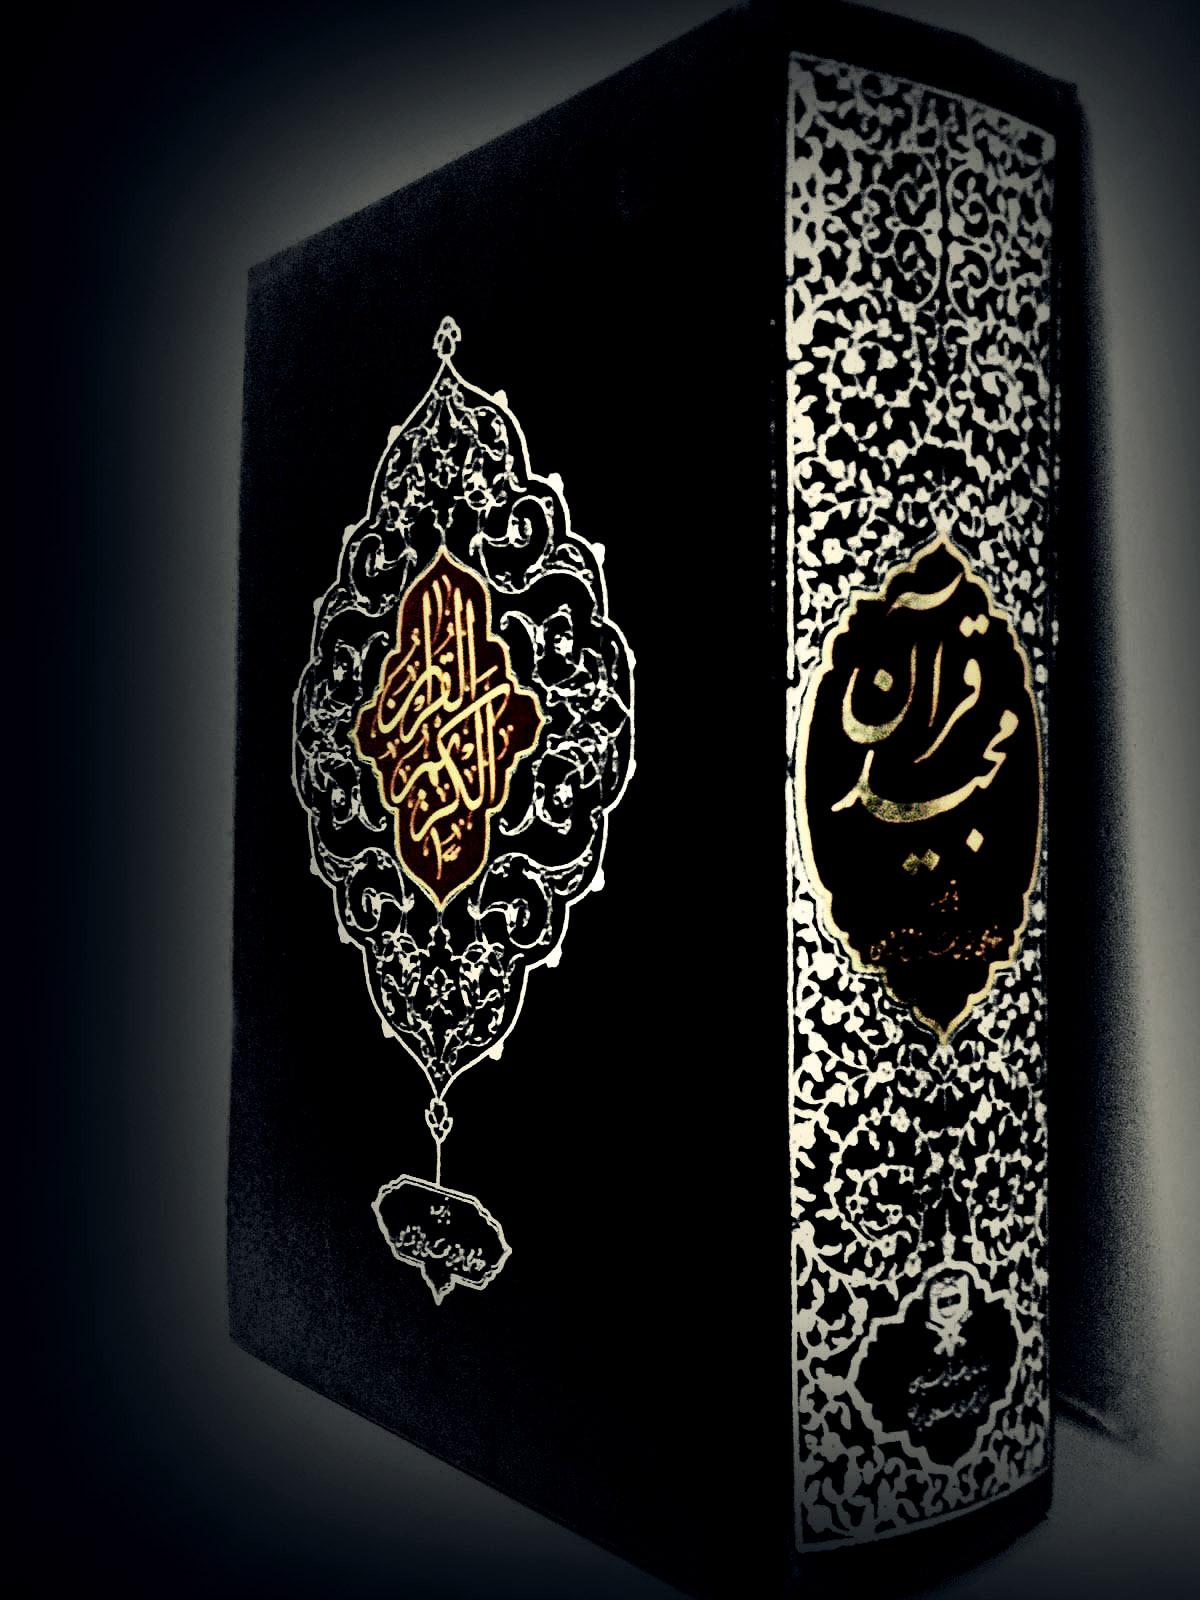 خلفيات اسلامية 2020 بجودة Hd لسطح المكتب Islamic Wallpapers For